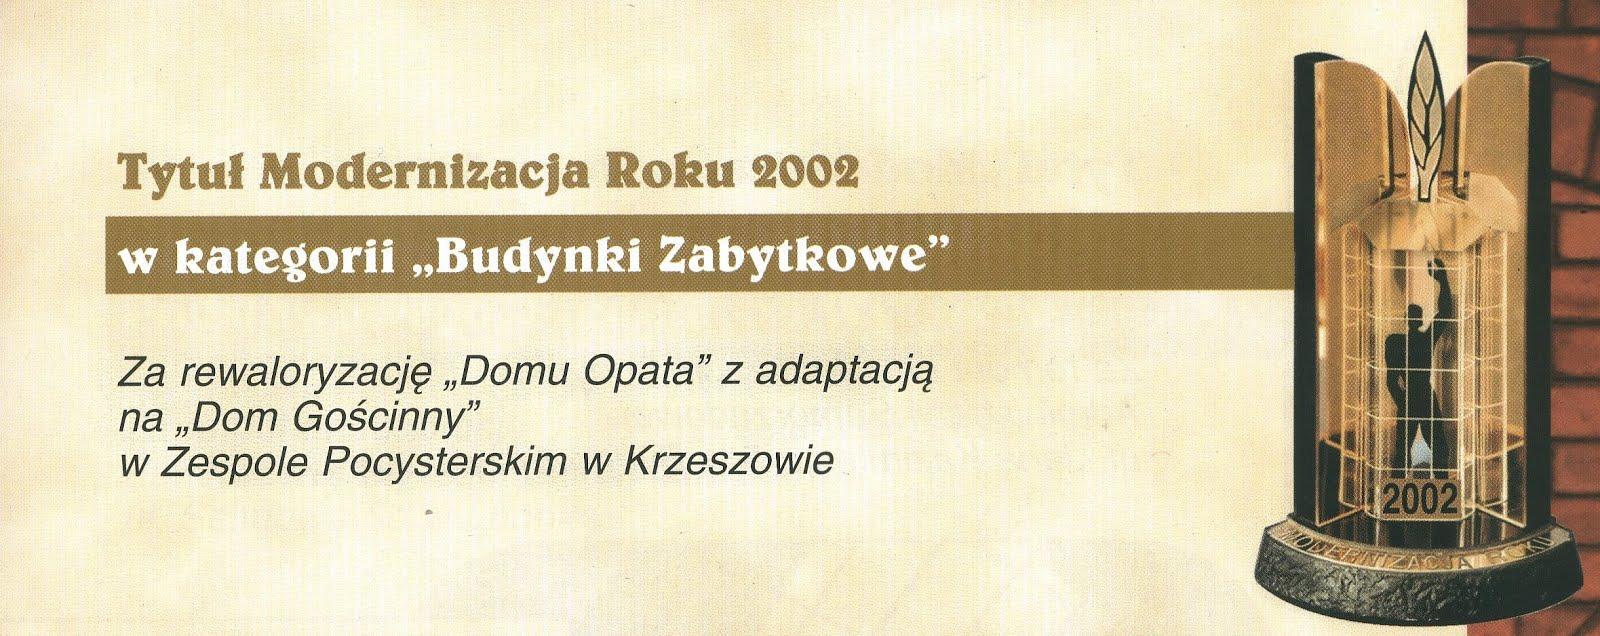 i pierwsza nagroda - ogólnopolski konkurs: Modernizacja Roku 2002